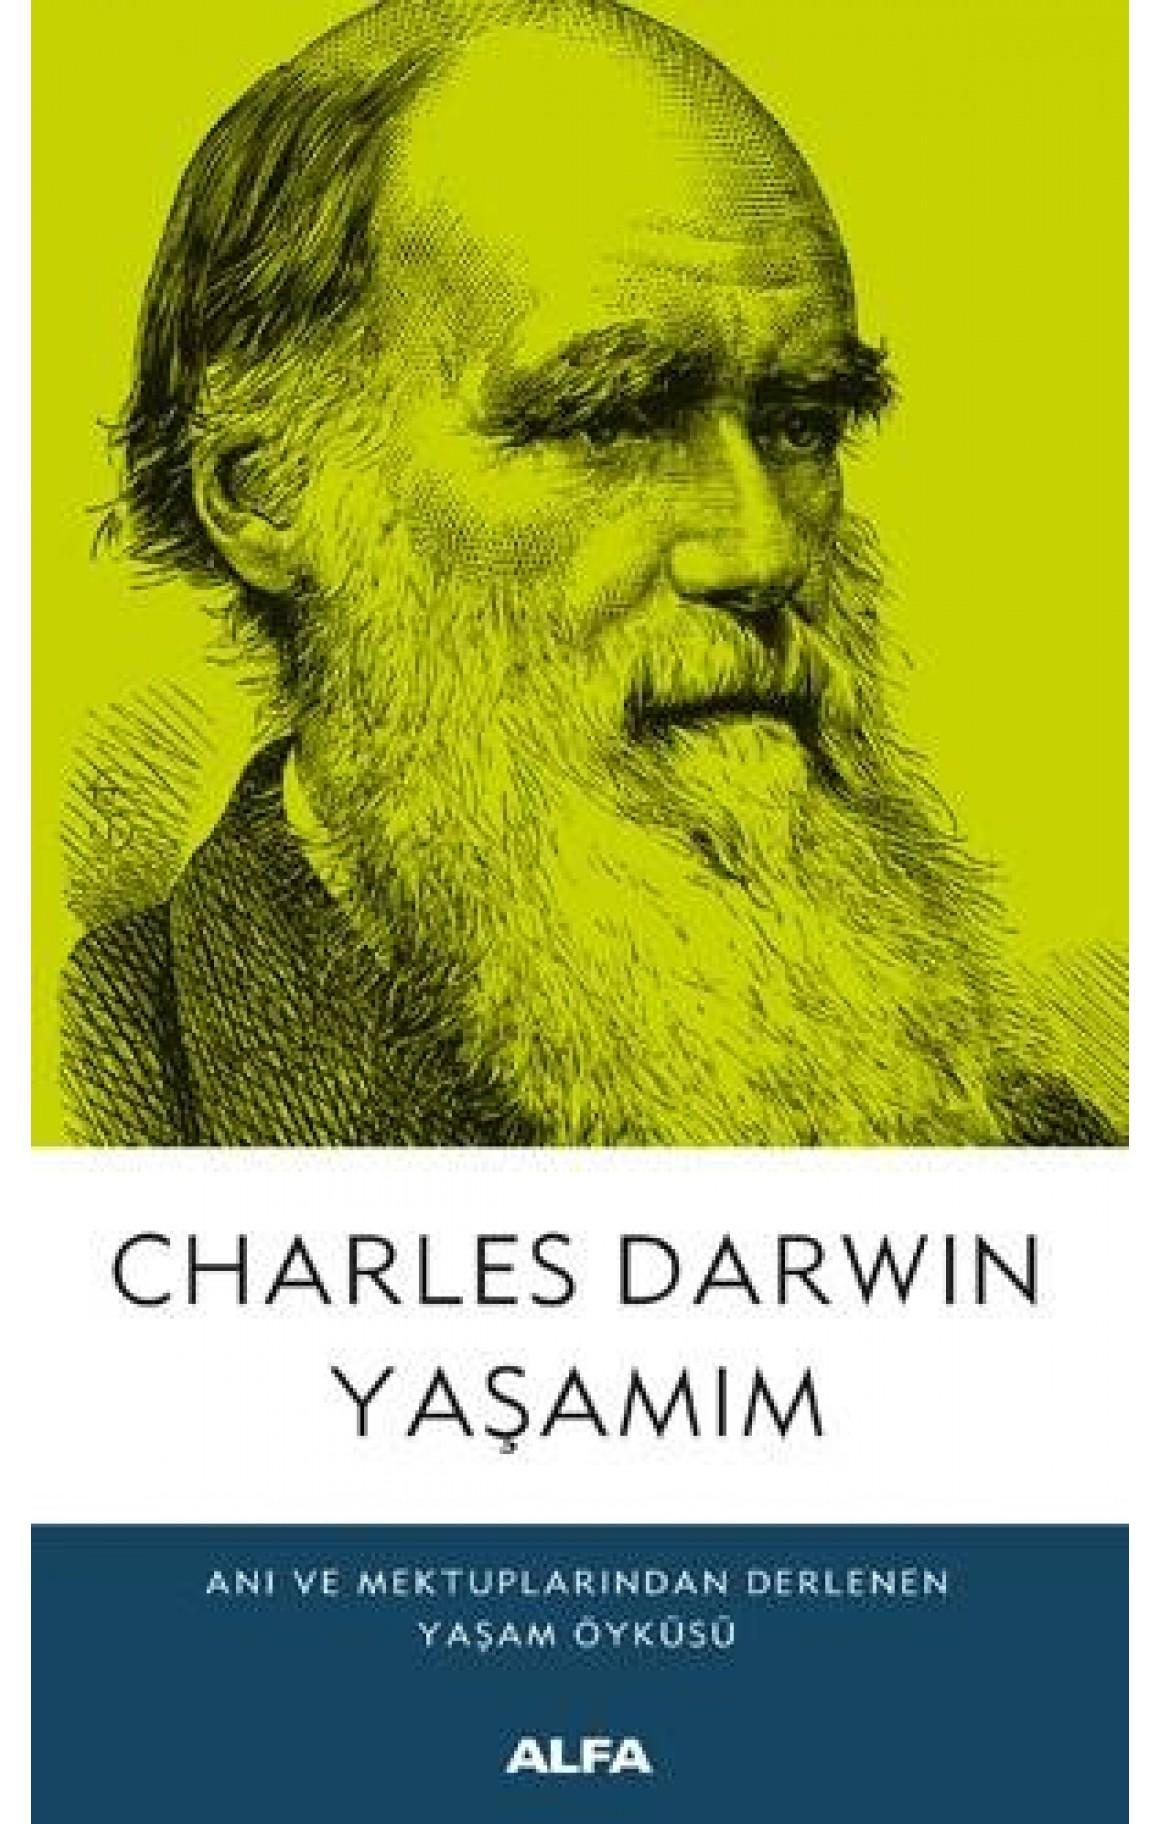 Charles Darwin Yaşamım